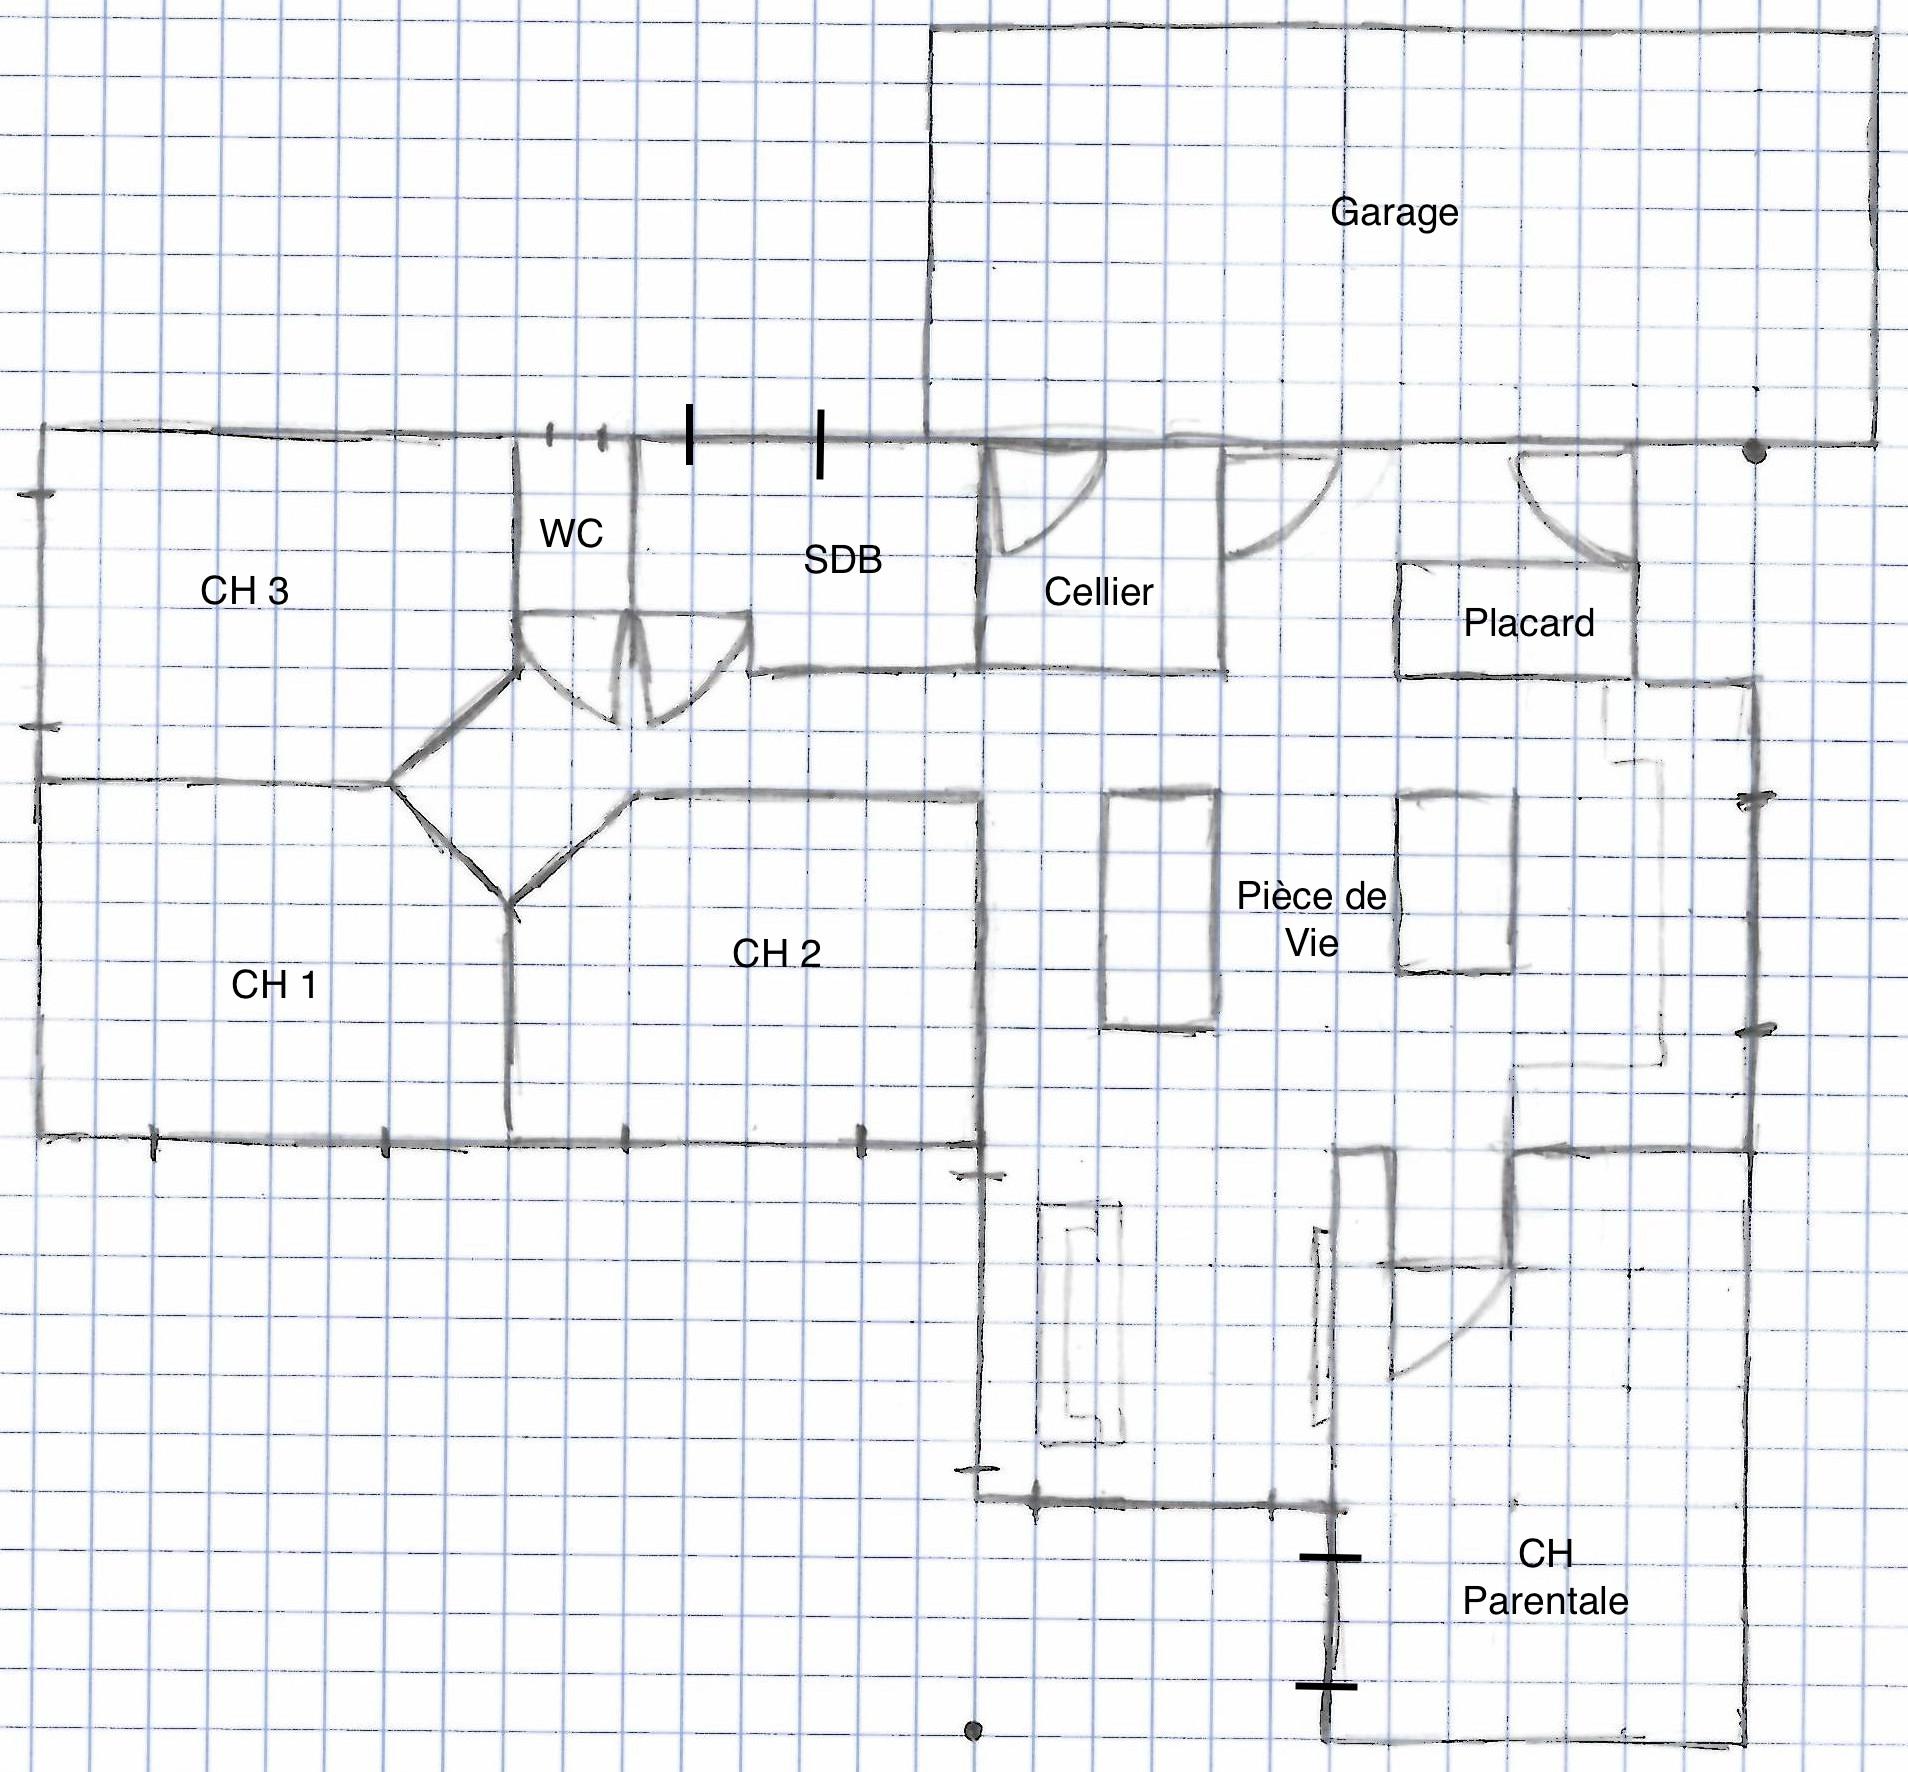 Creer un plan de maison plan de maison x with creer un for Tracer un plan de maison